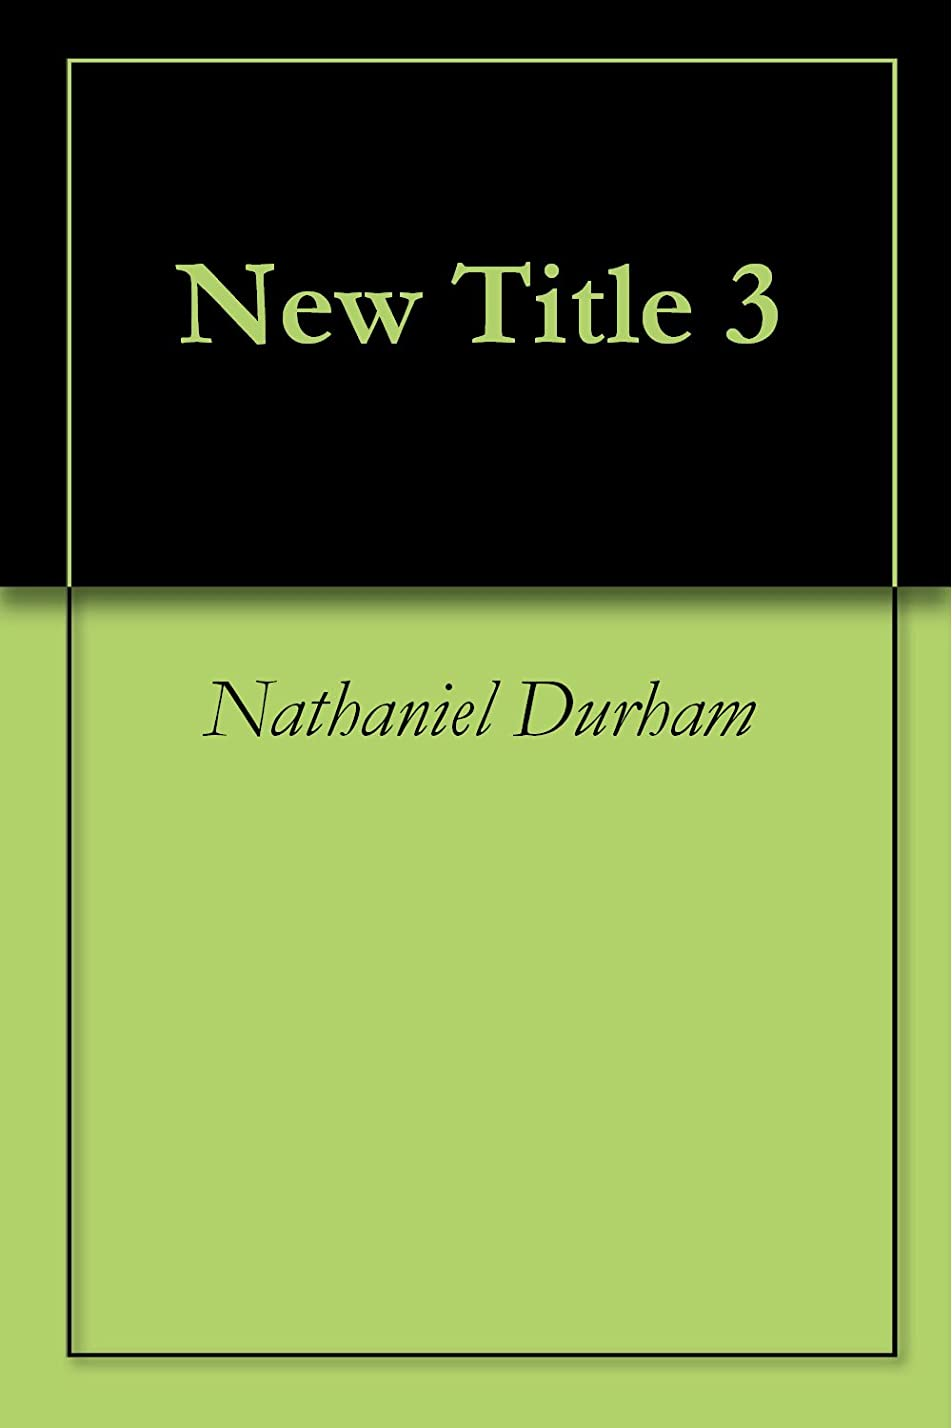 待って鳥地域のNew Title 3 (English Edition)